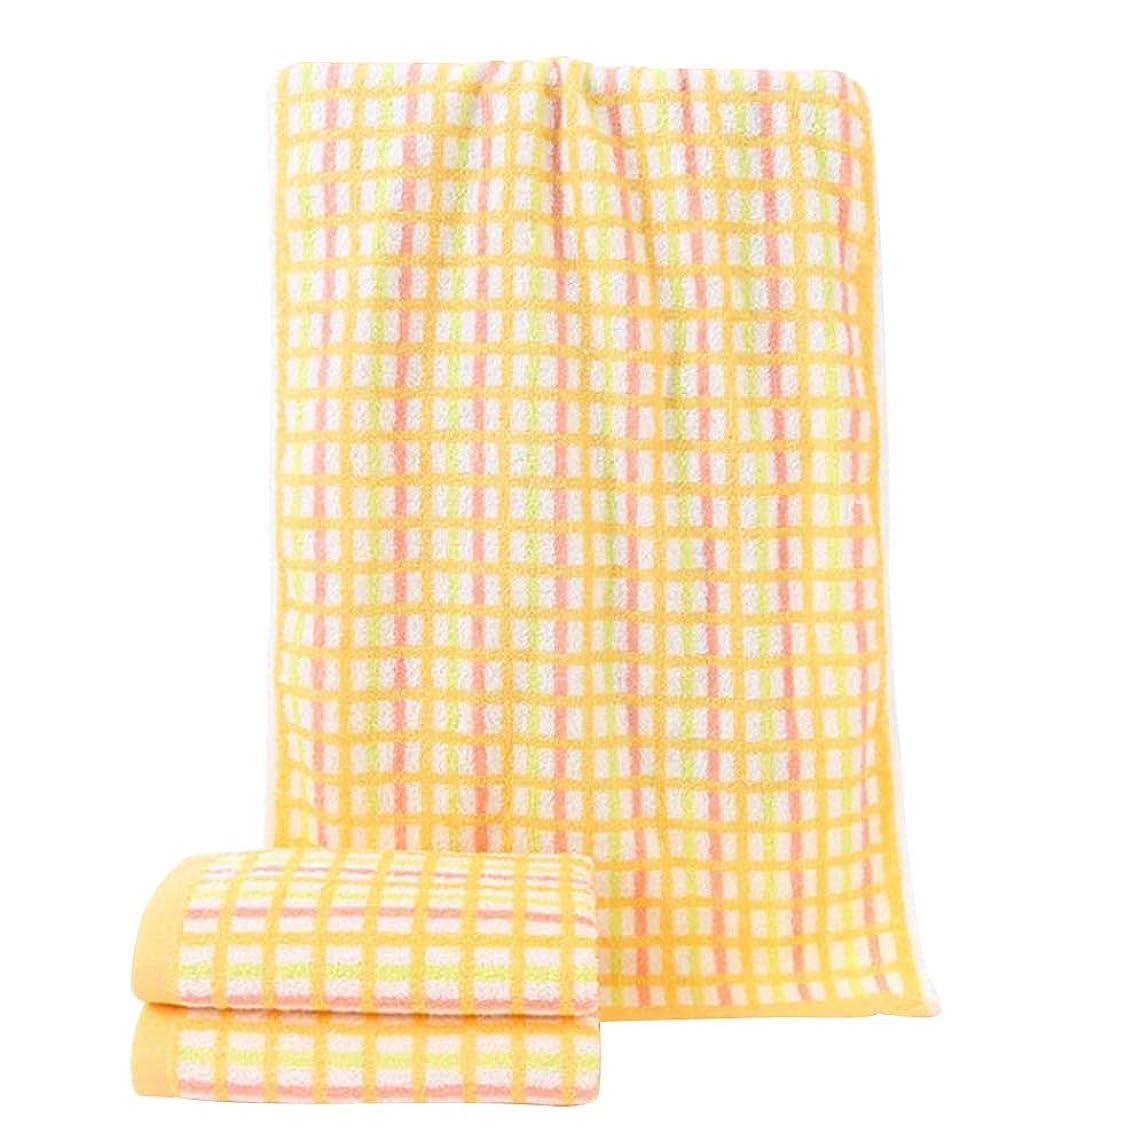 半径ロマンチックカッターTOPBATHY 家庭用バスルーム用綿フェイスタオル超吸収性速乾性ウォッシュタオル(黄色)